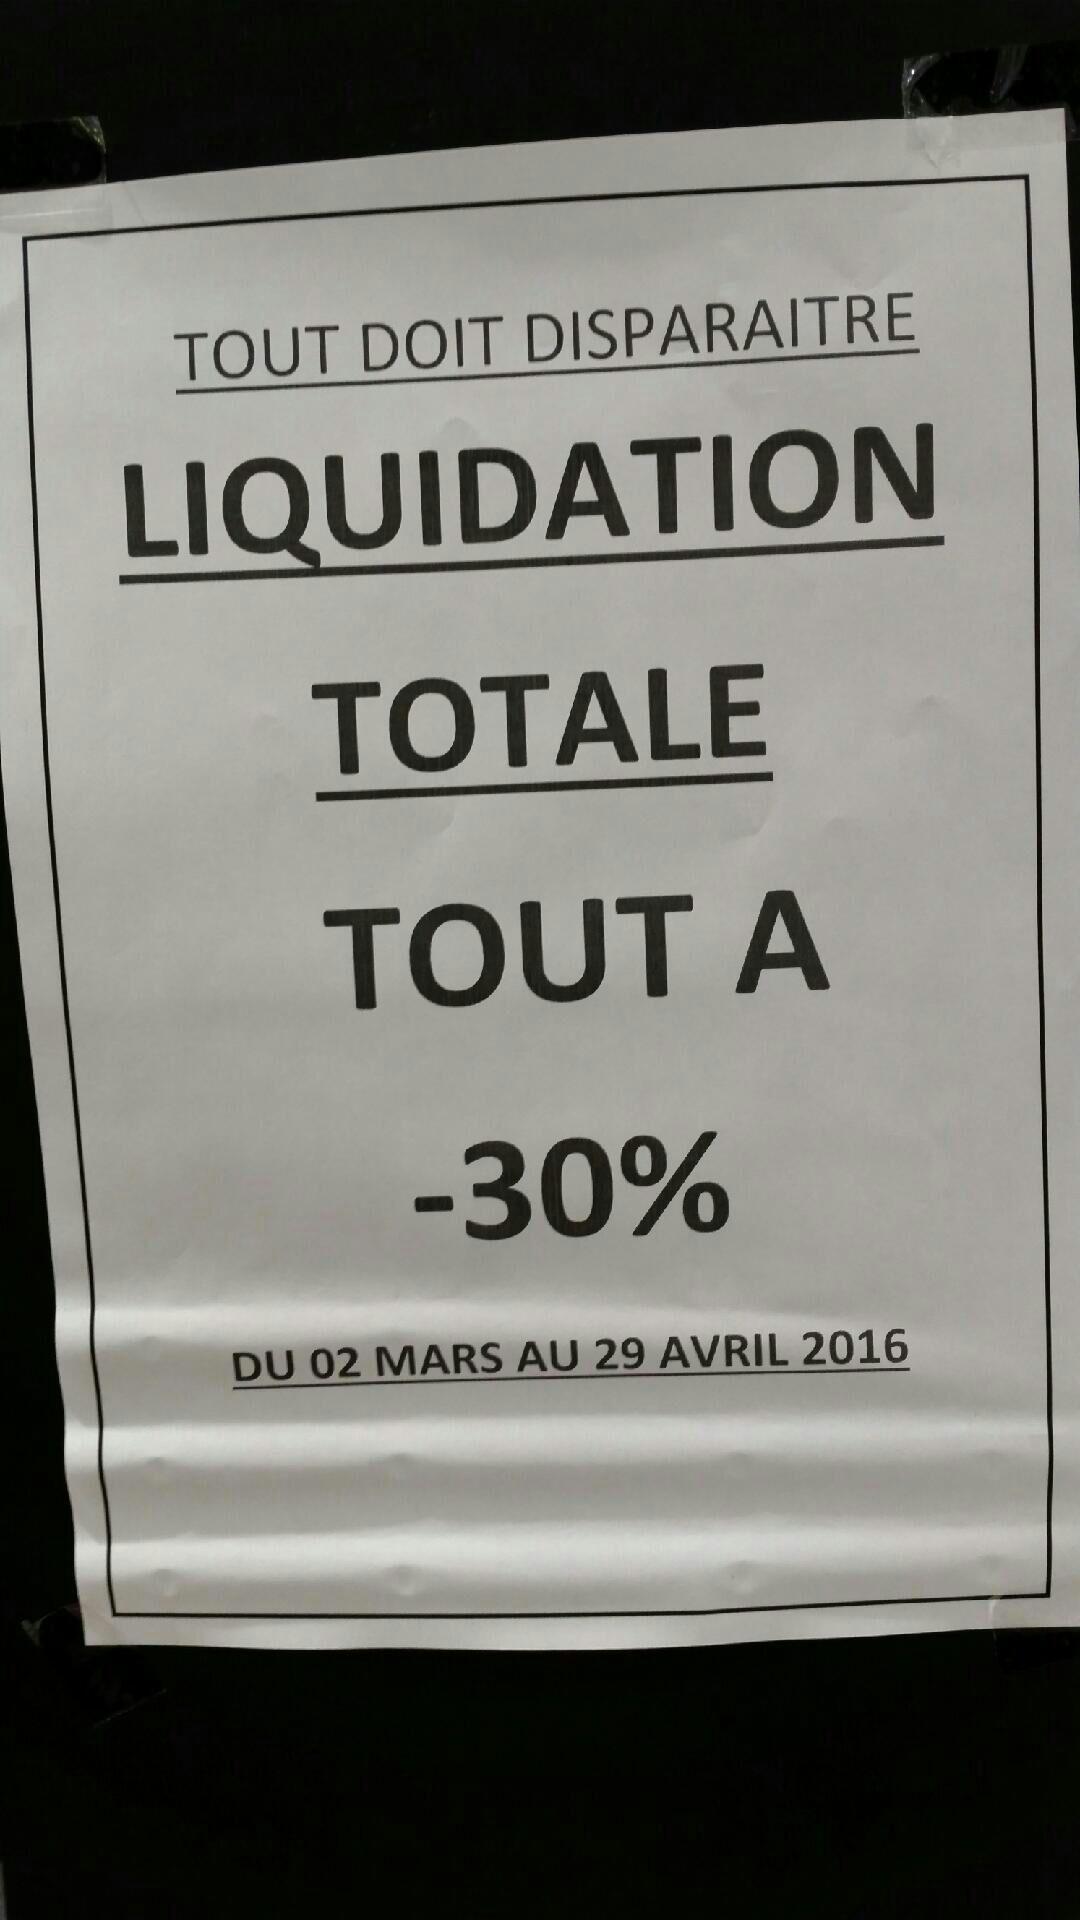 Liquidation totale : 30% de réduction sur tout